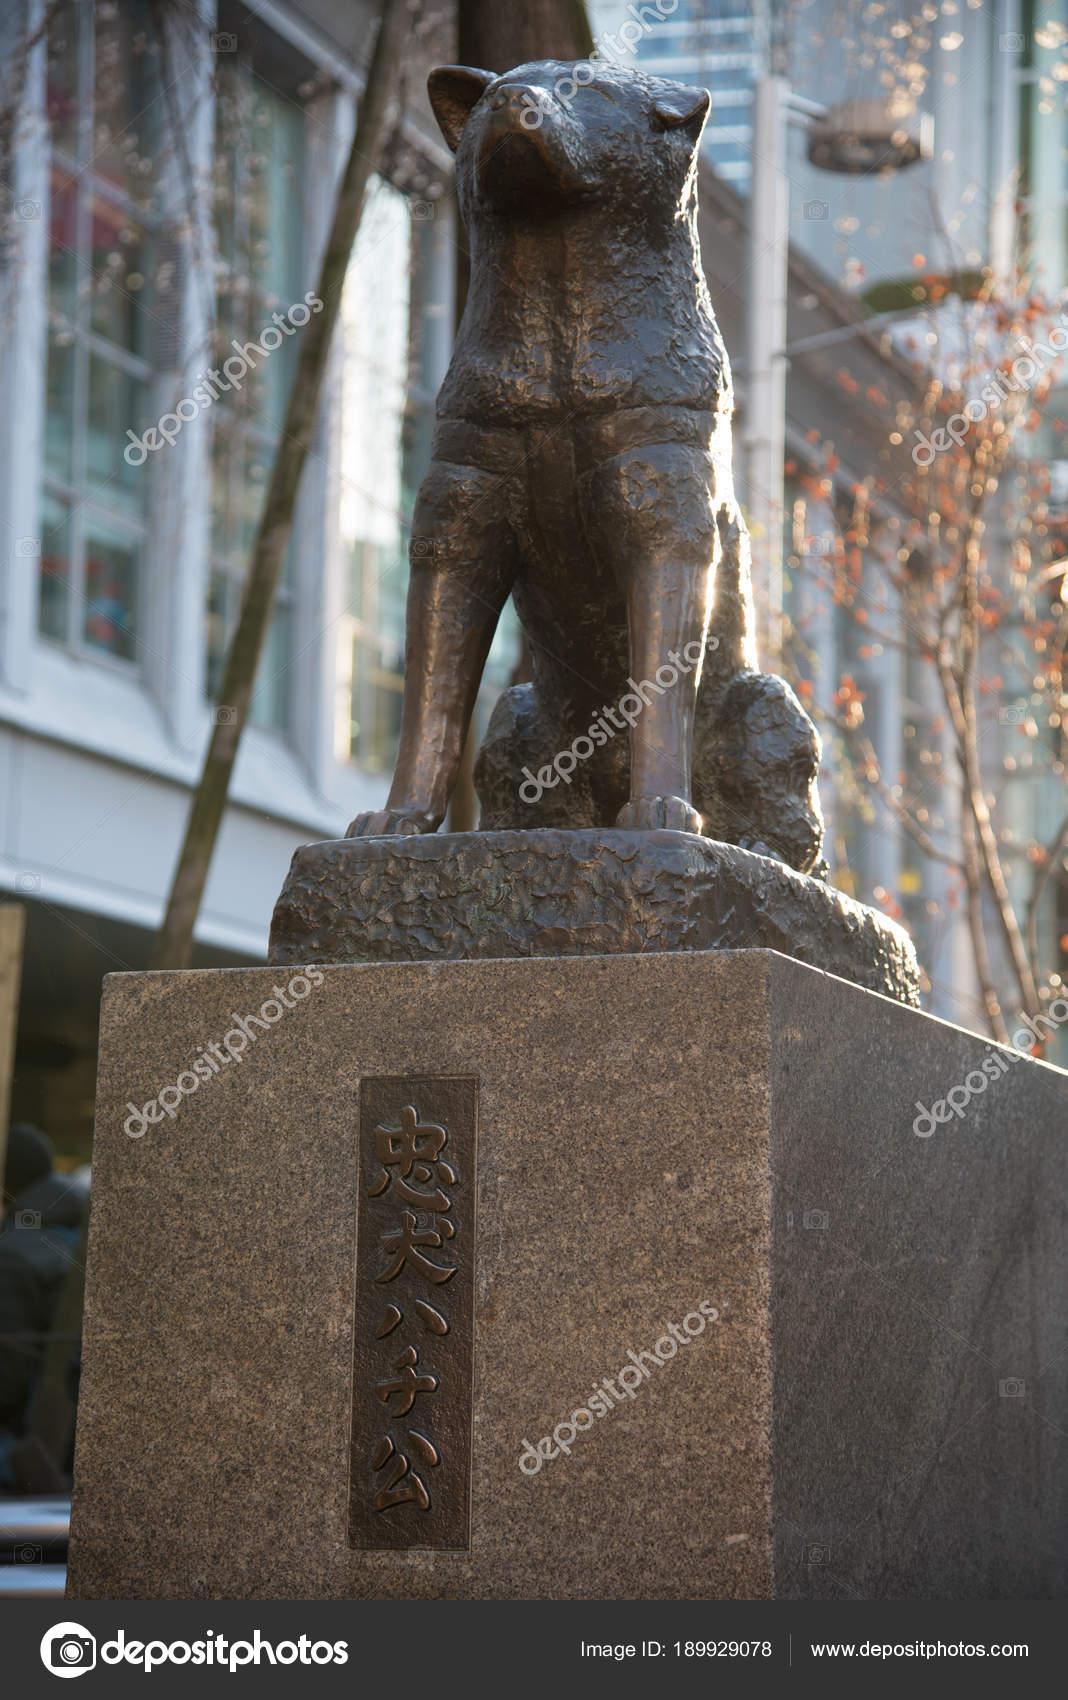 八公紀念雕像在澀谷 這是青銅雕像紀念八公 著名的忠實的秋田犬 — 圖庫社論照片 © Shawn.ccf #189929078